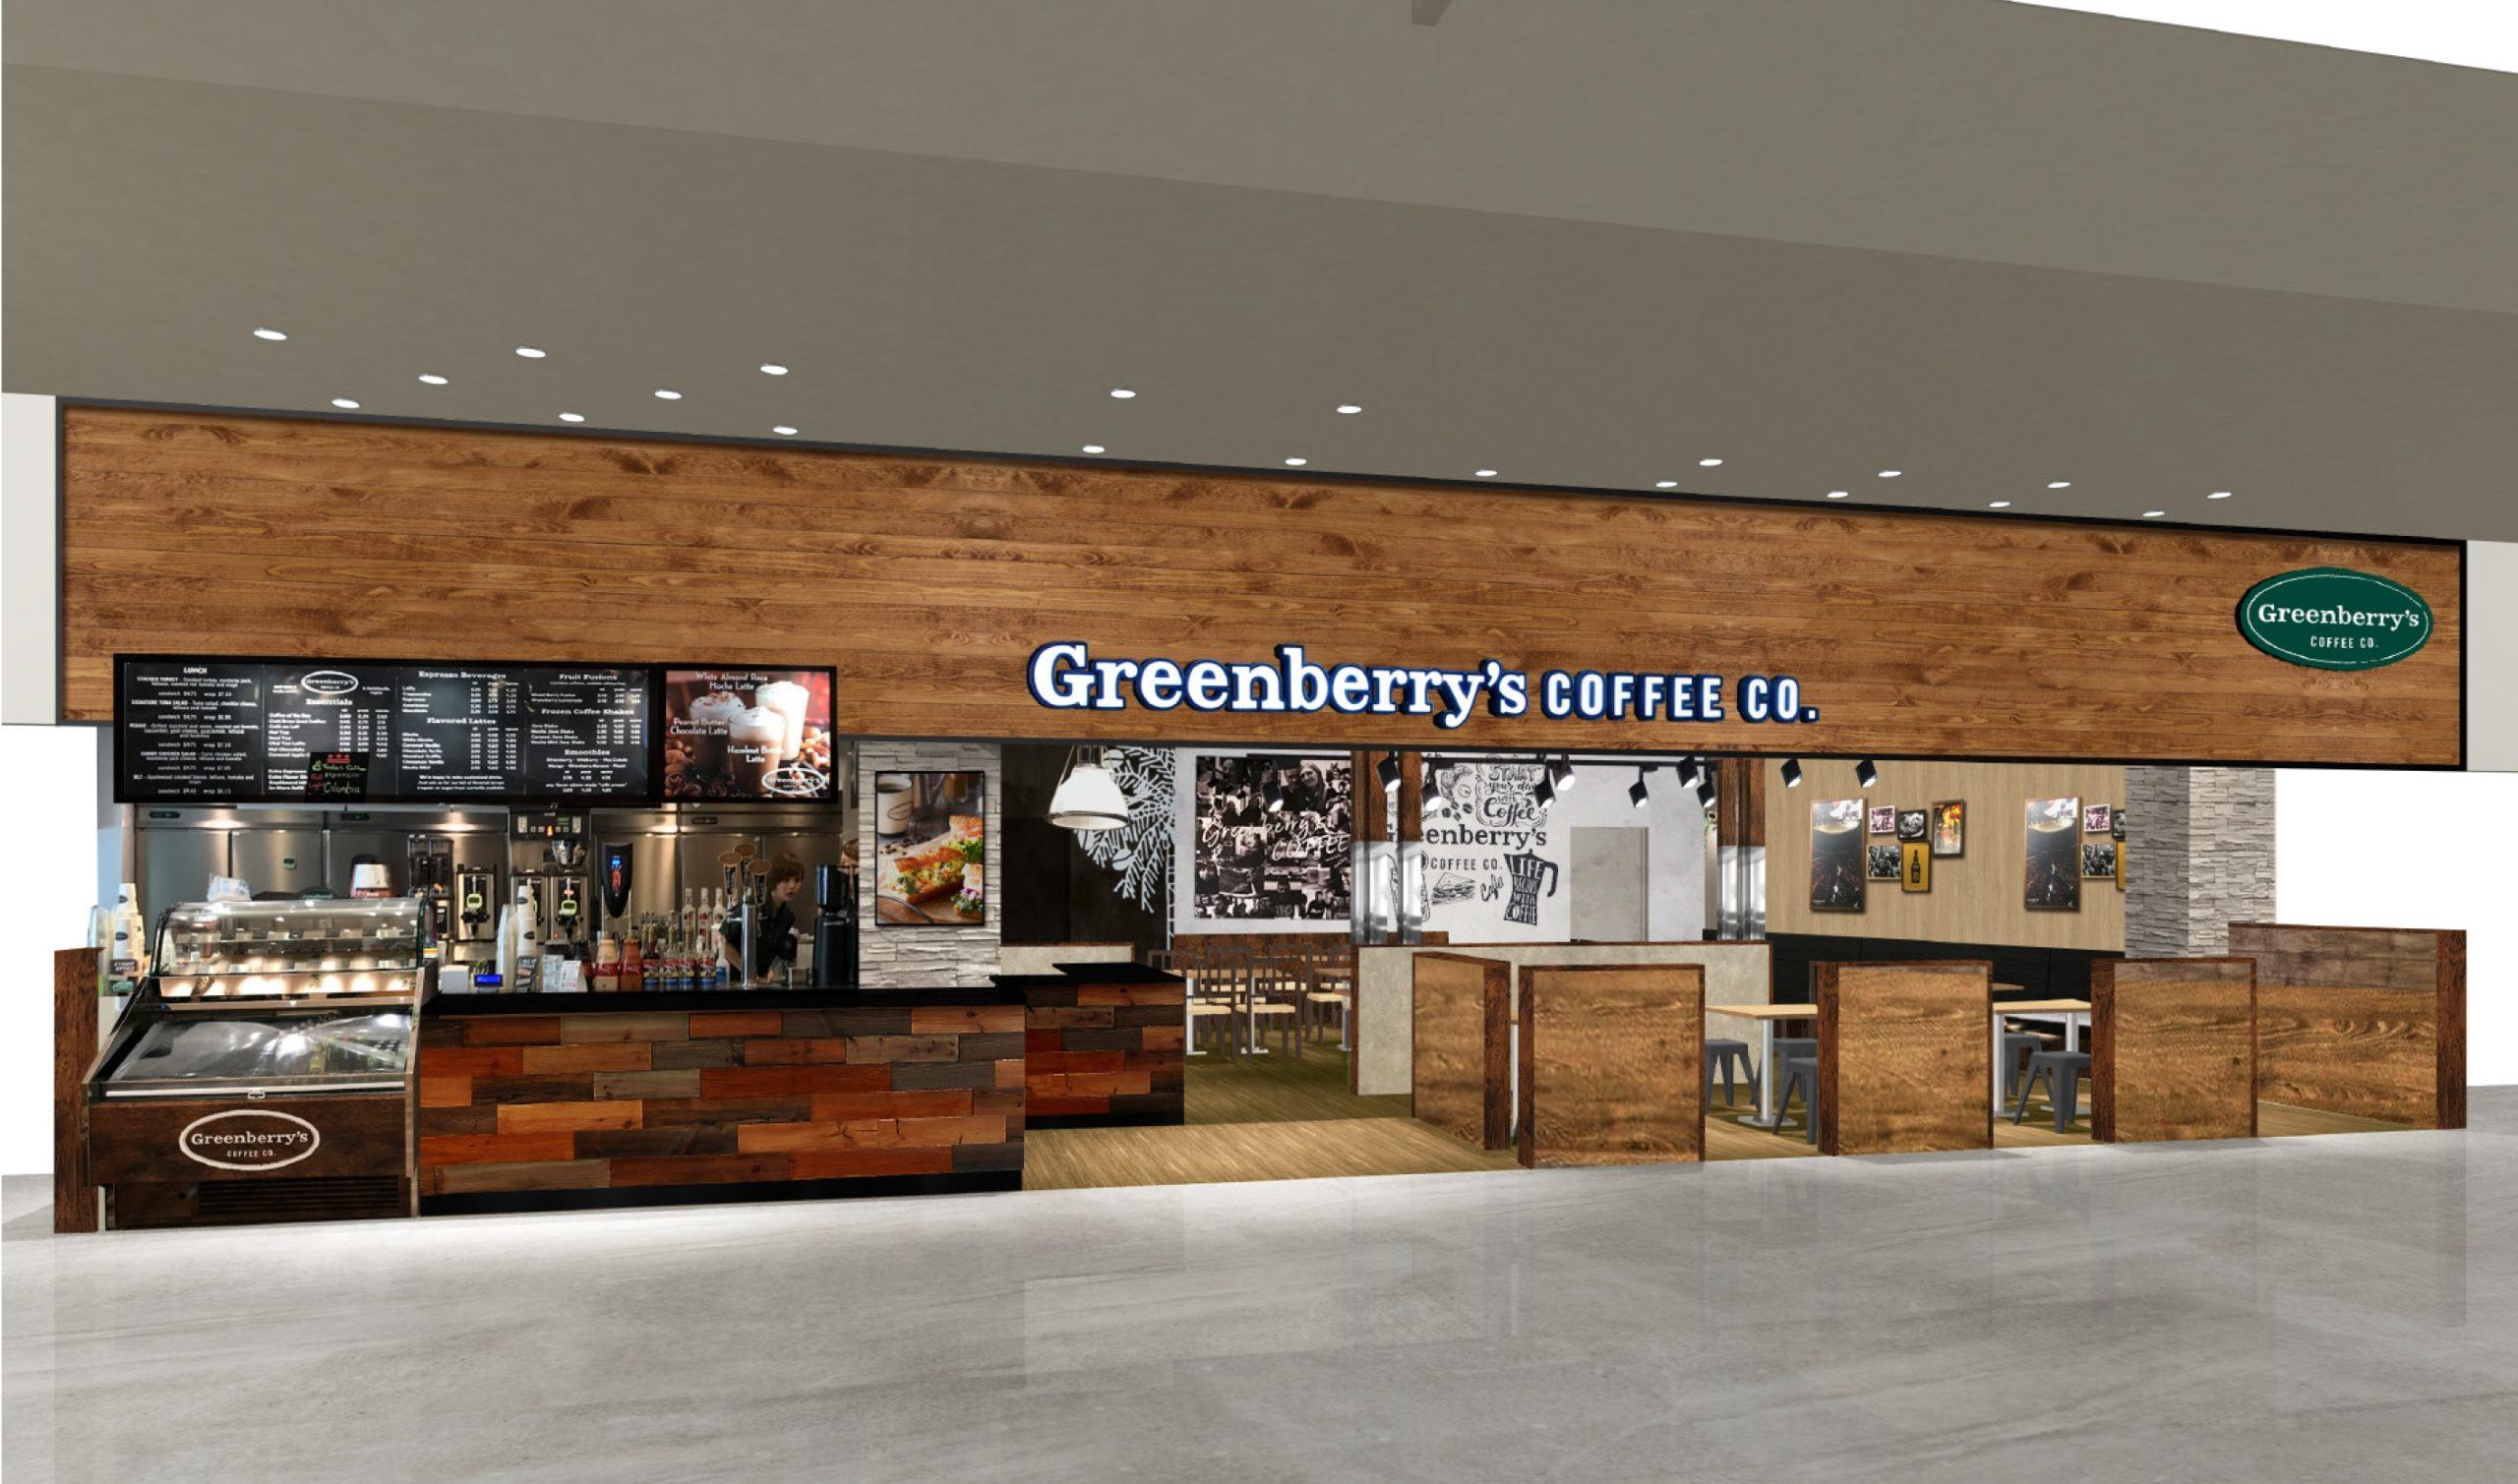 11月20日「グリーンベリーズコーヒー アリオ鳳店」オープン